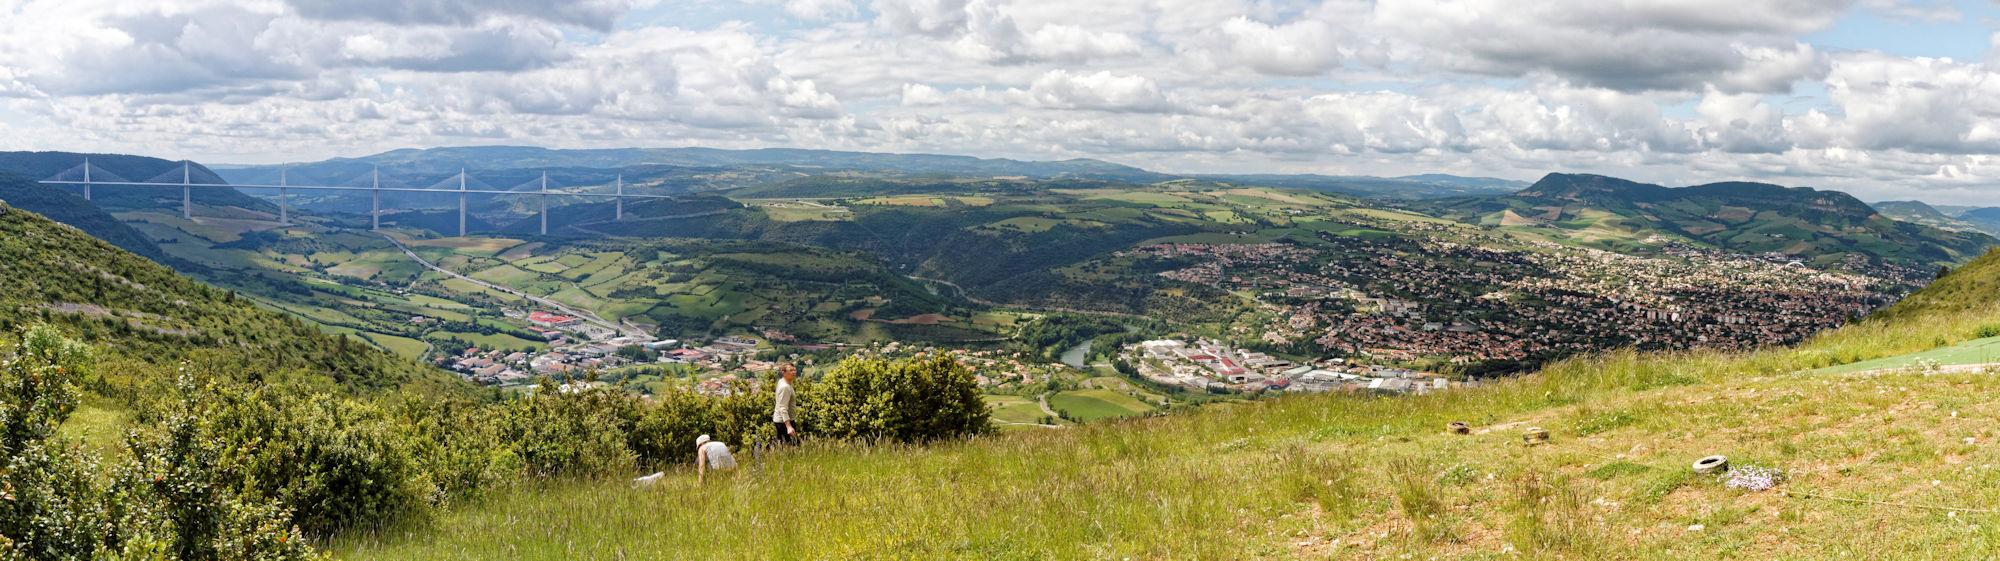 Larzac nord - Belvédère de Cap de Coste